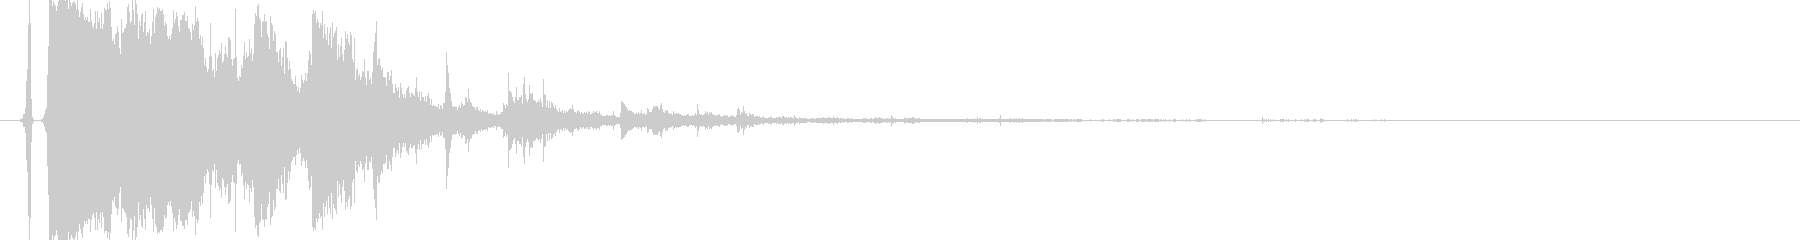 パリン!コップやグラスが割れるリアル音2の未再生の波形